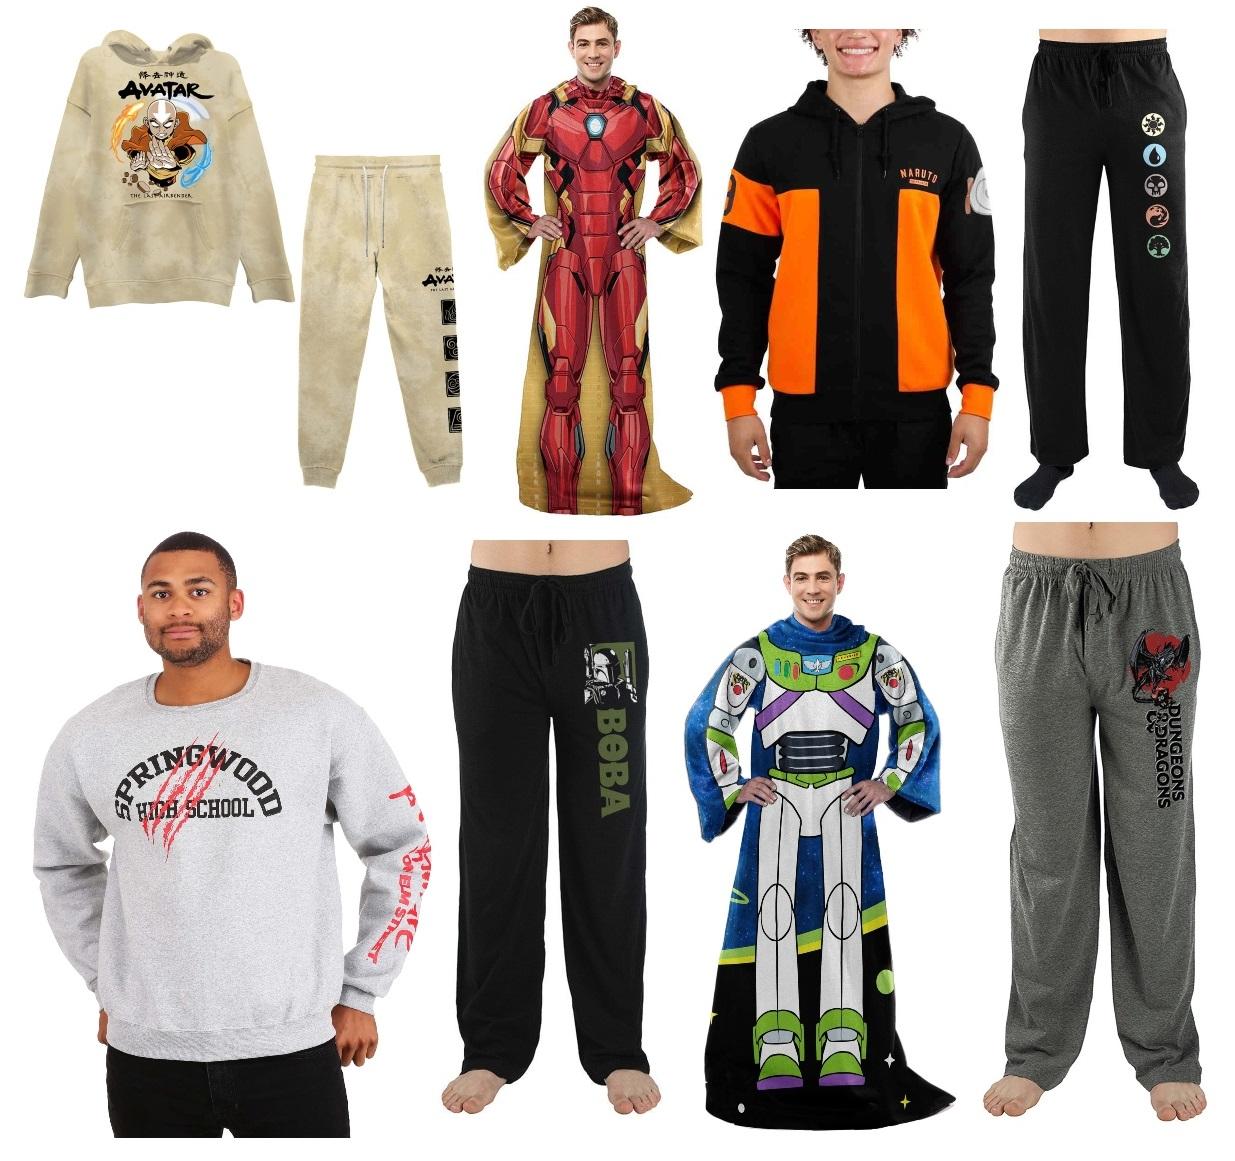 Geeky Men's Loungewear